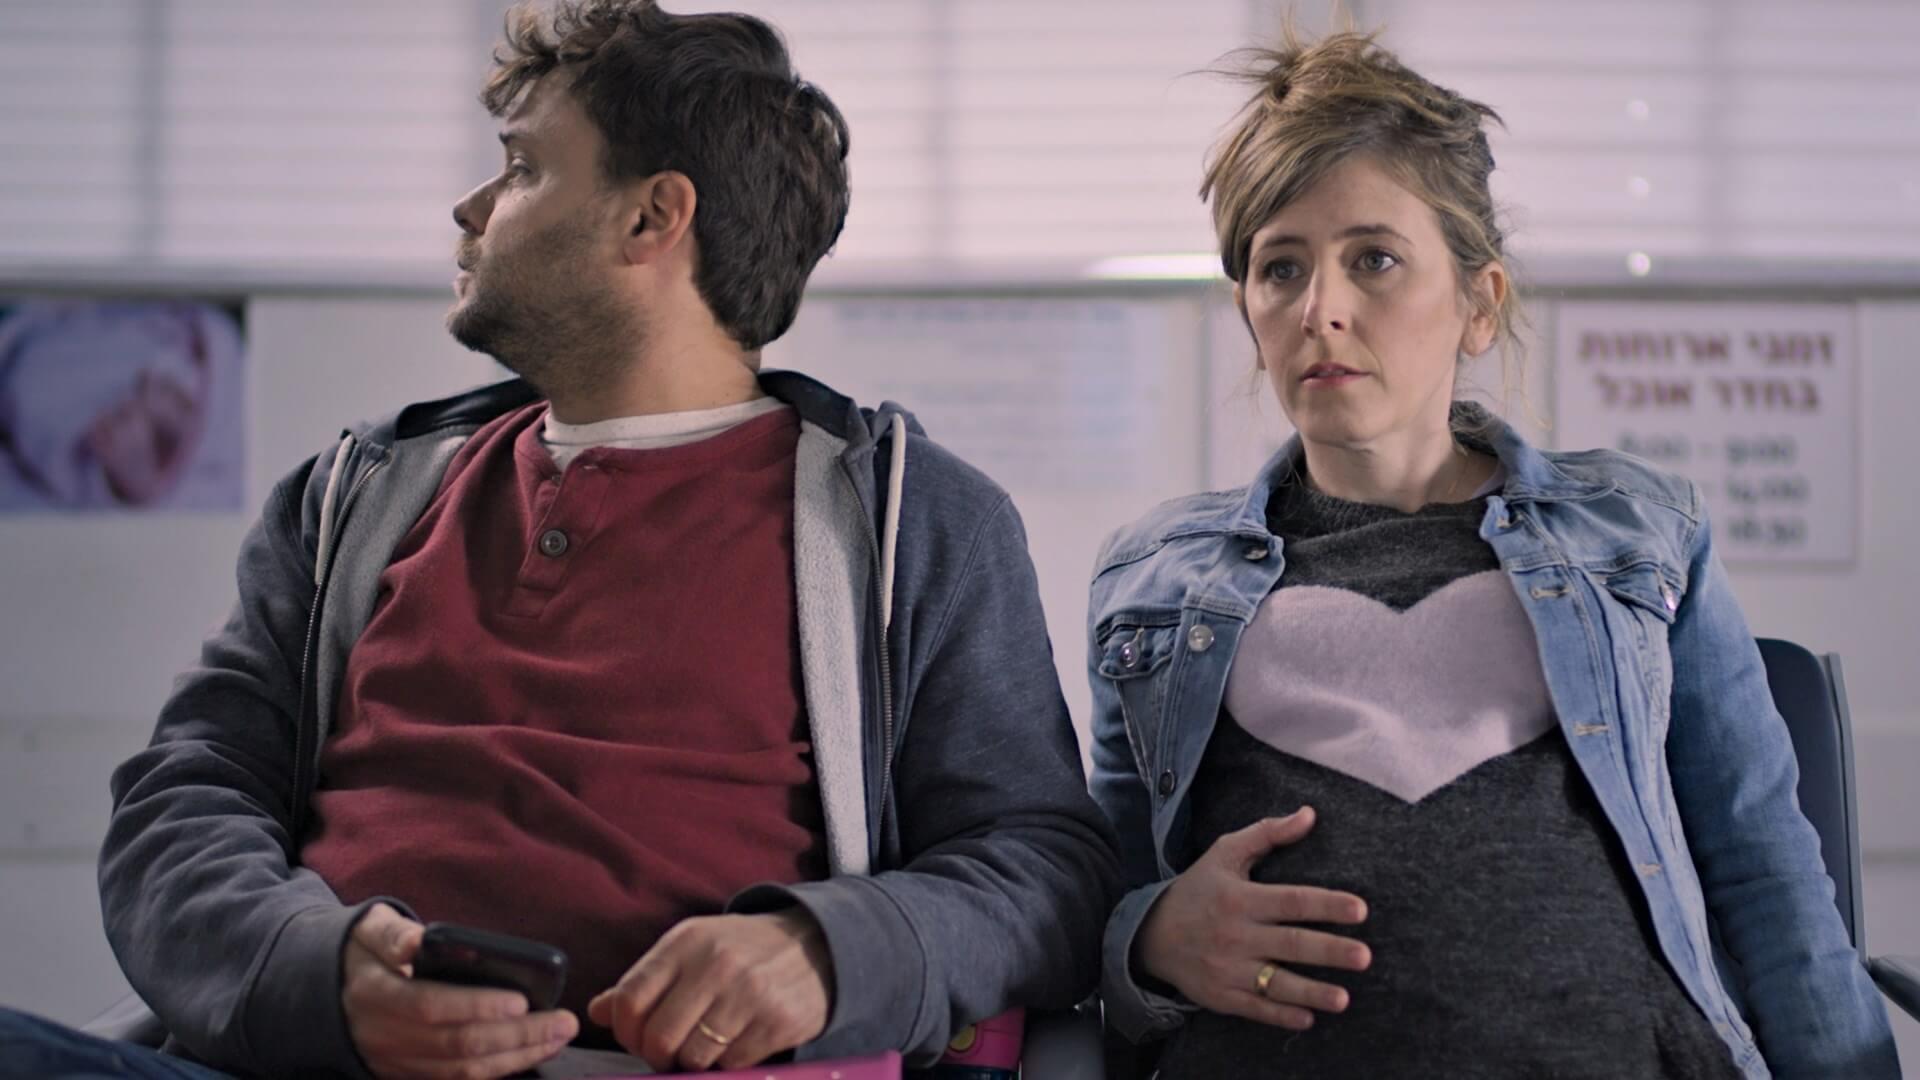 מחיקה מלאה: תמונה מתוך הסרט